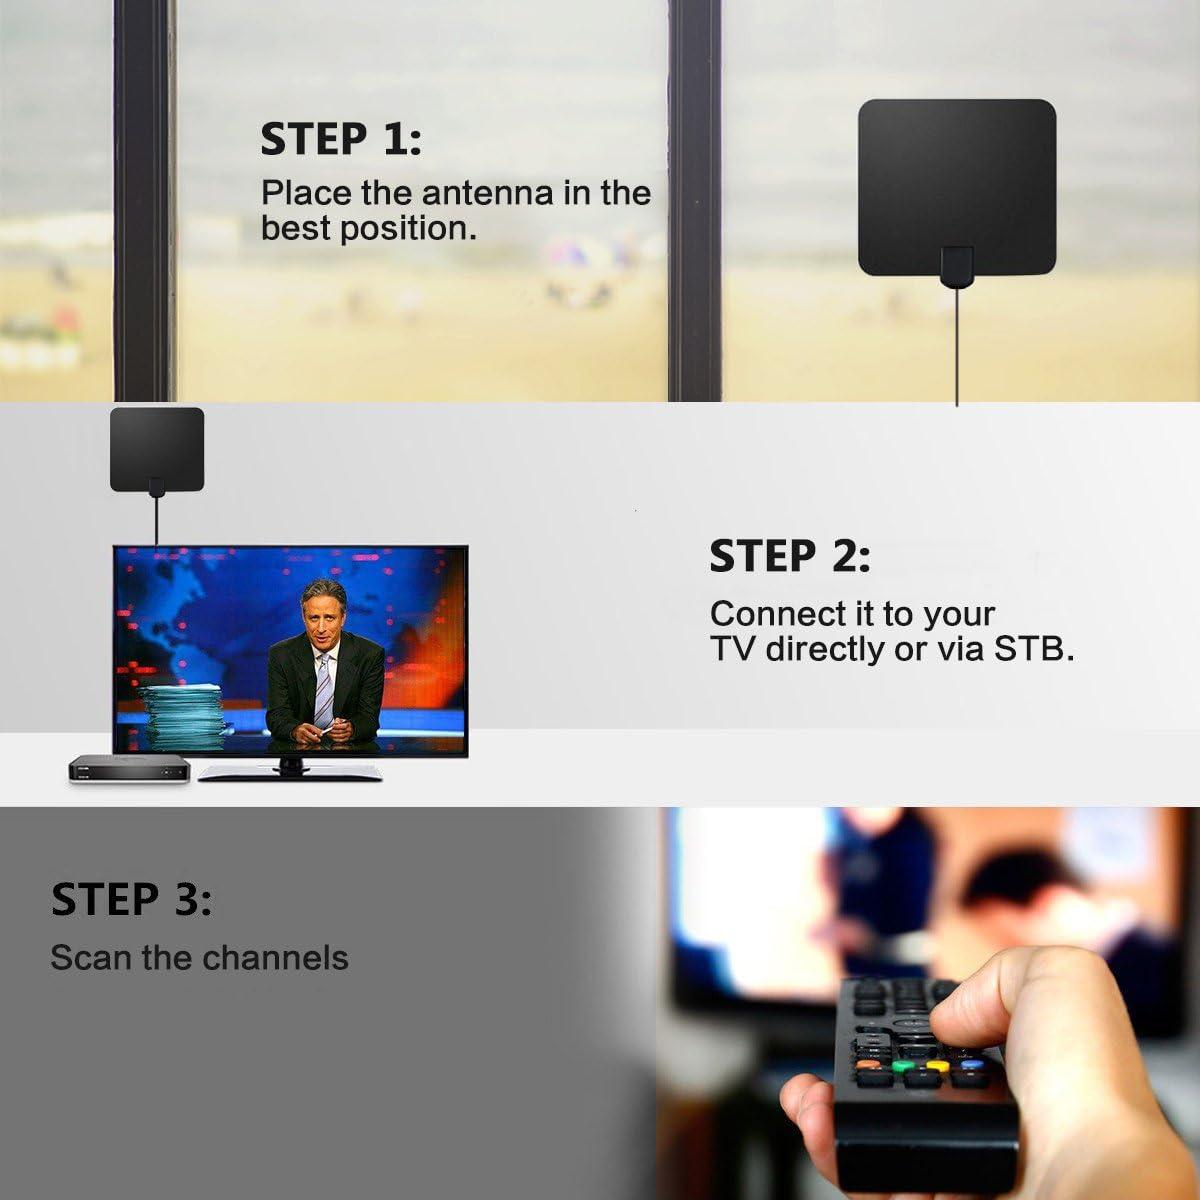 Antena de TV Interior,Nextbox Amplificador Antena Digital HDTV,50 Millas Gama de Recepción, 5M Cable Alto Rendimiento,Ultra Delgado Amplificador de Señal Removible: Amazon.es: Electrónica